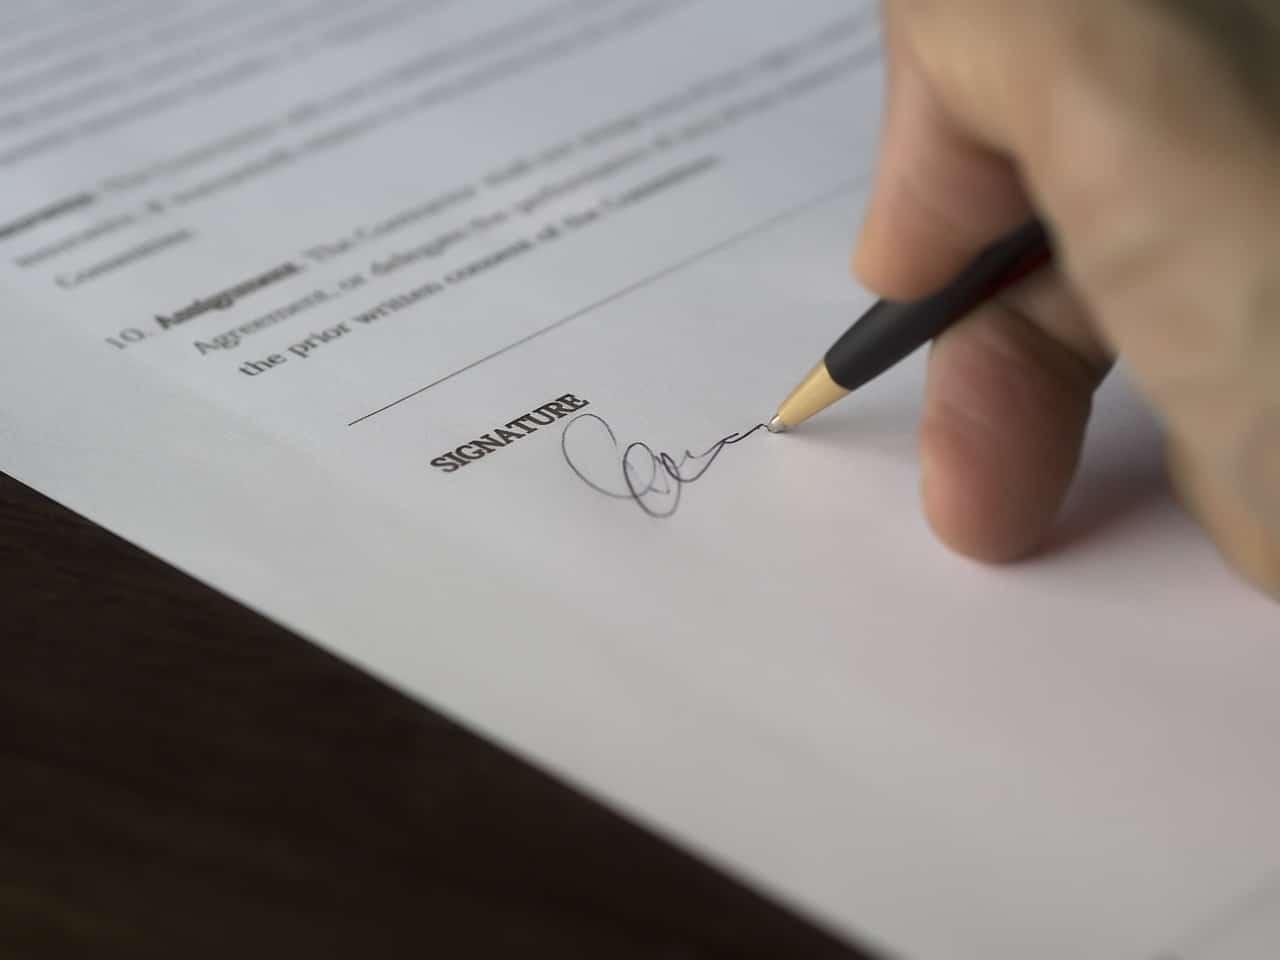 Les copropriétés doivent être immatriculées avant le 31 décembre 2018